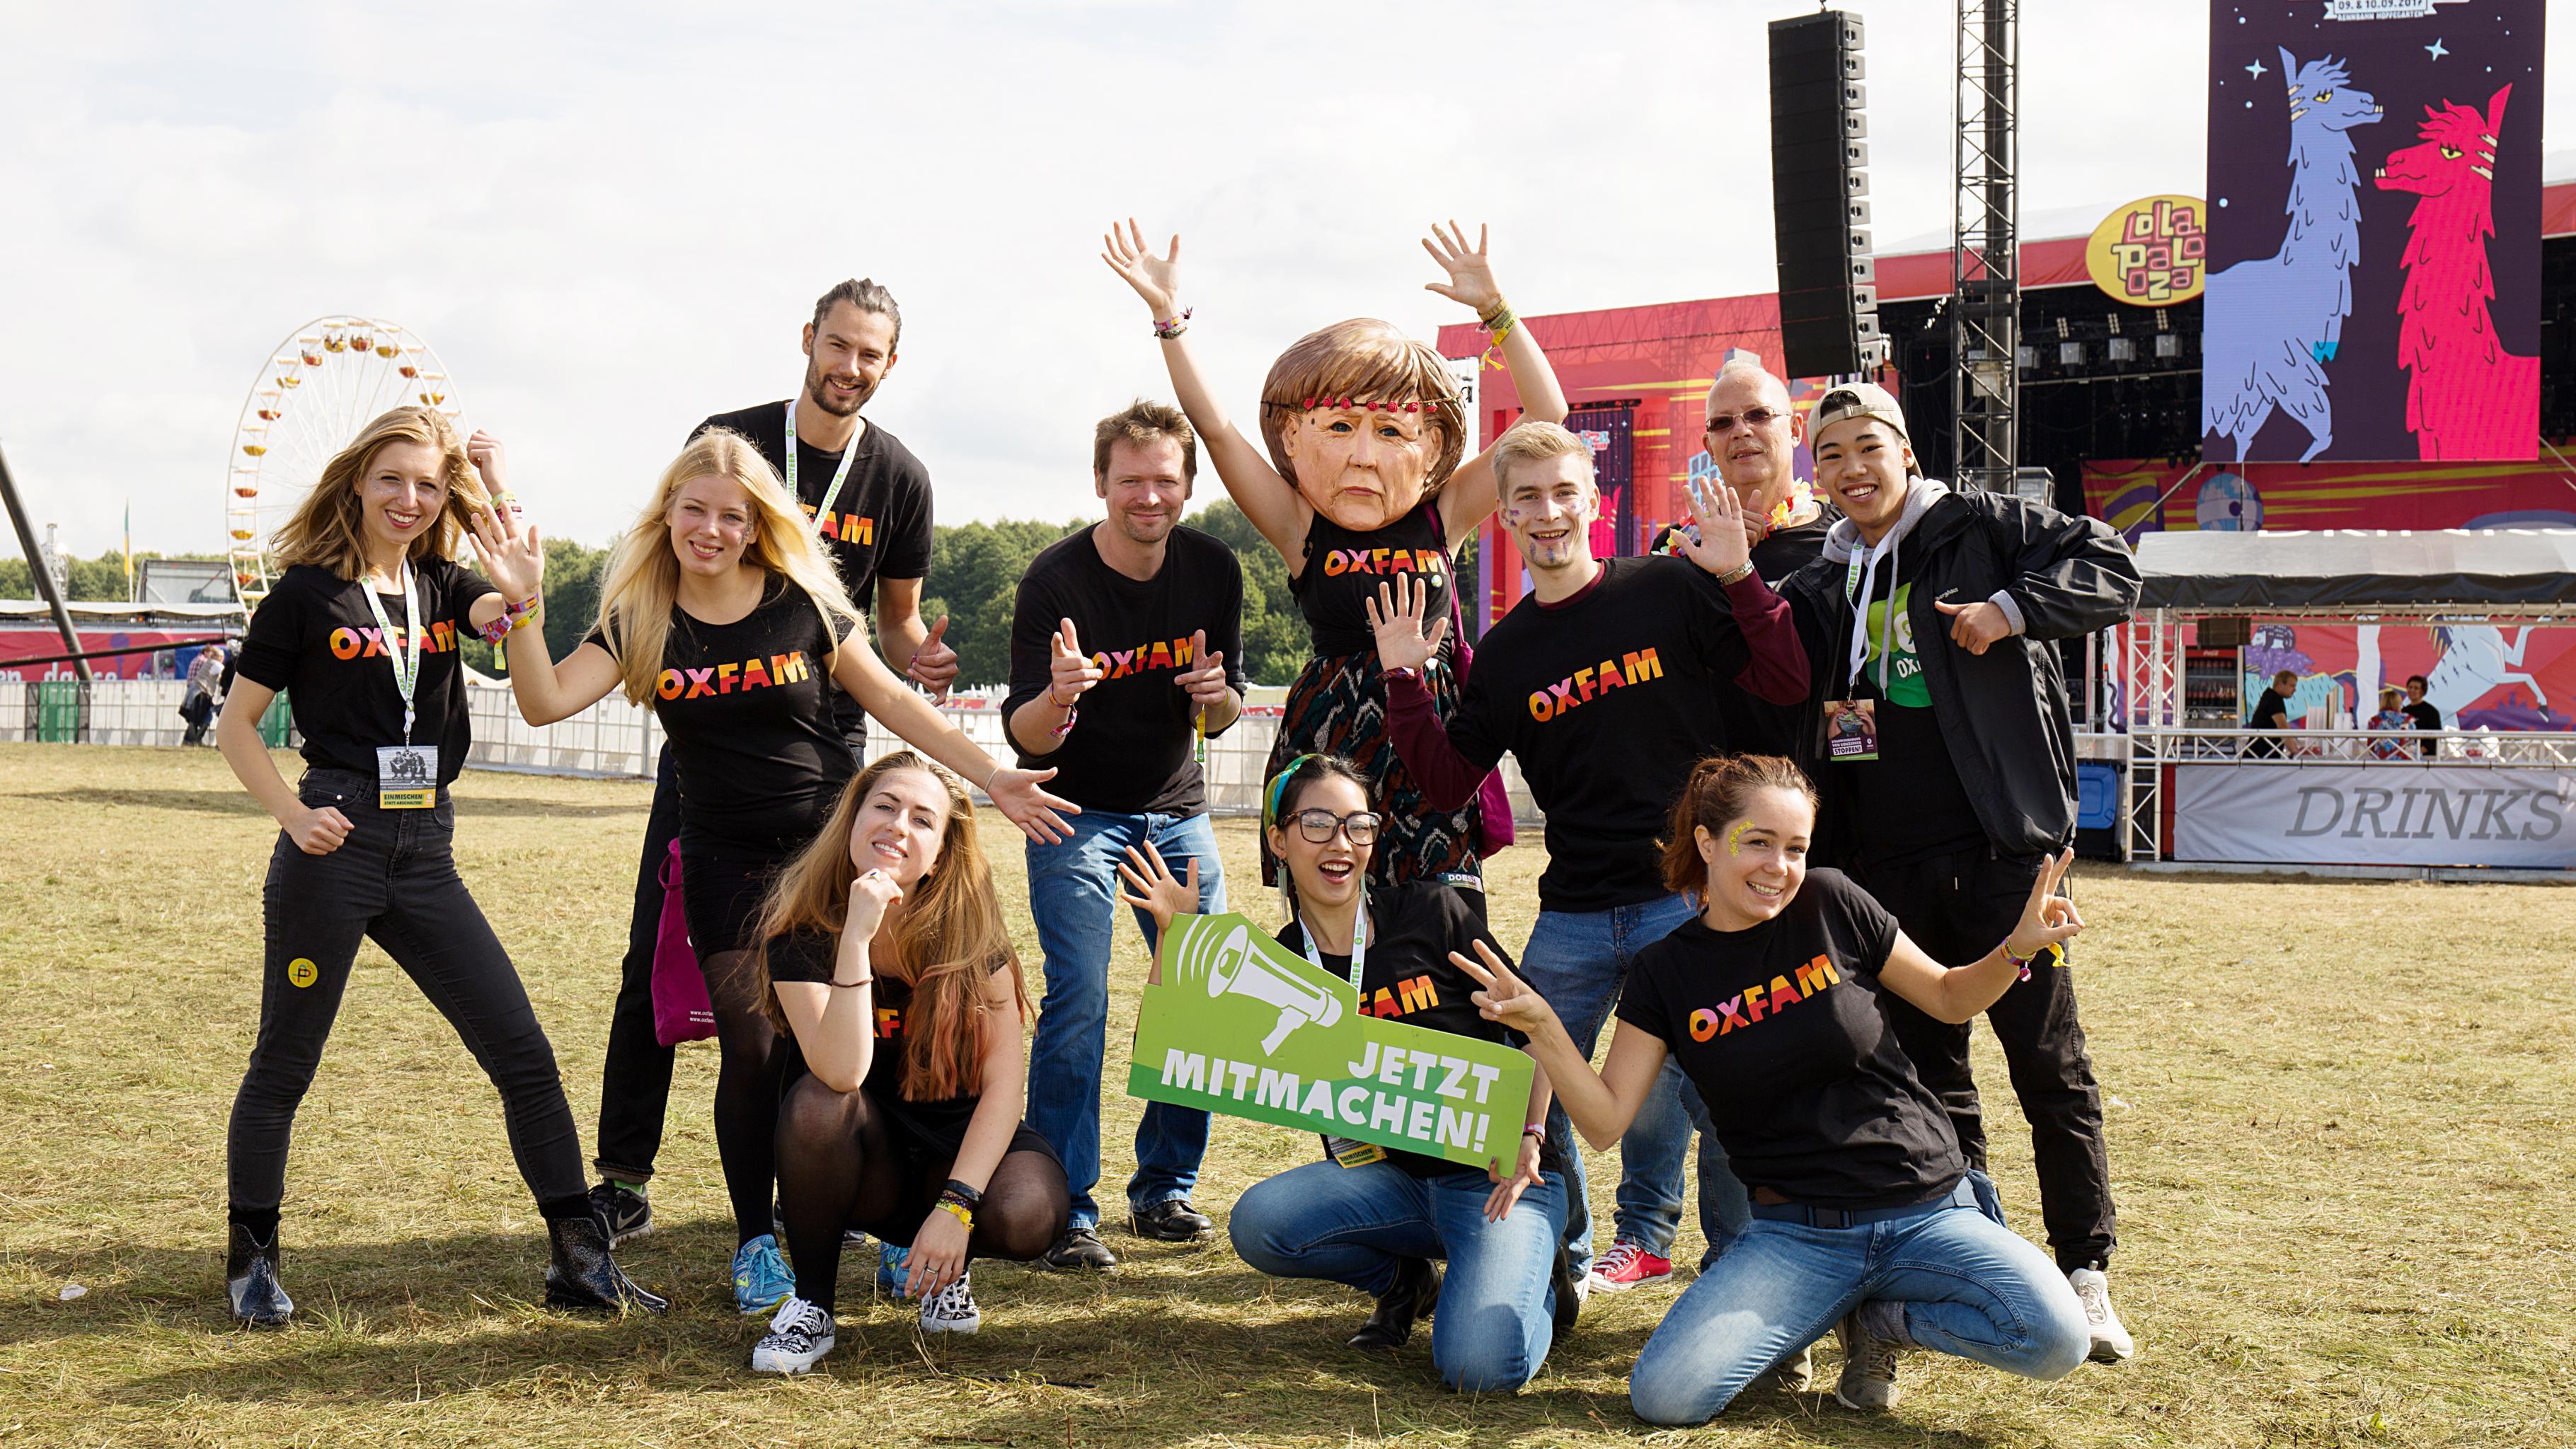 Das Team von Oxfam on tour auf dem Lollapalooza-Festival